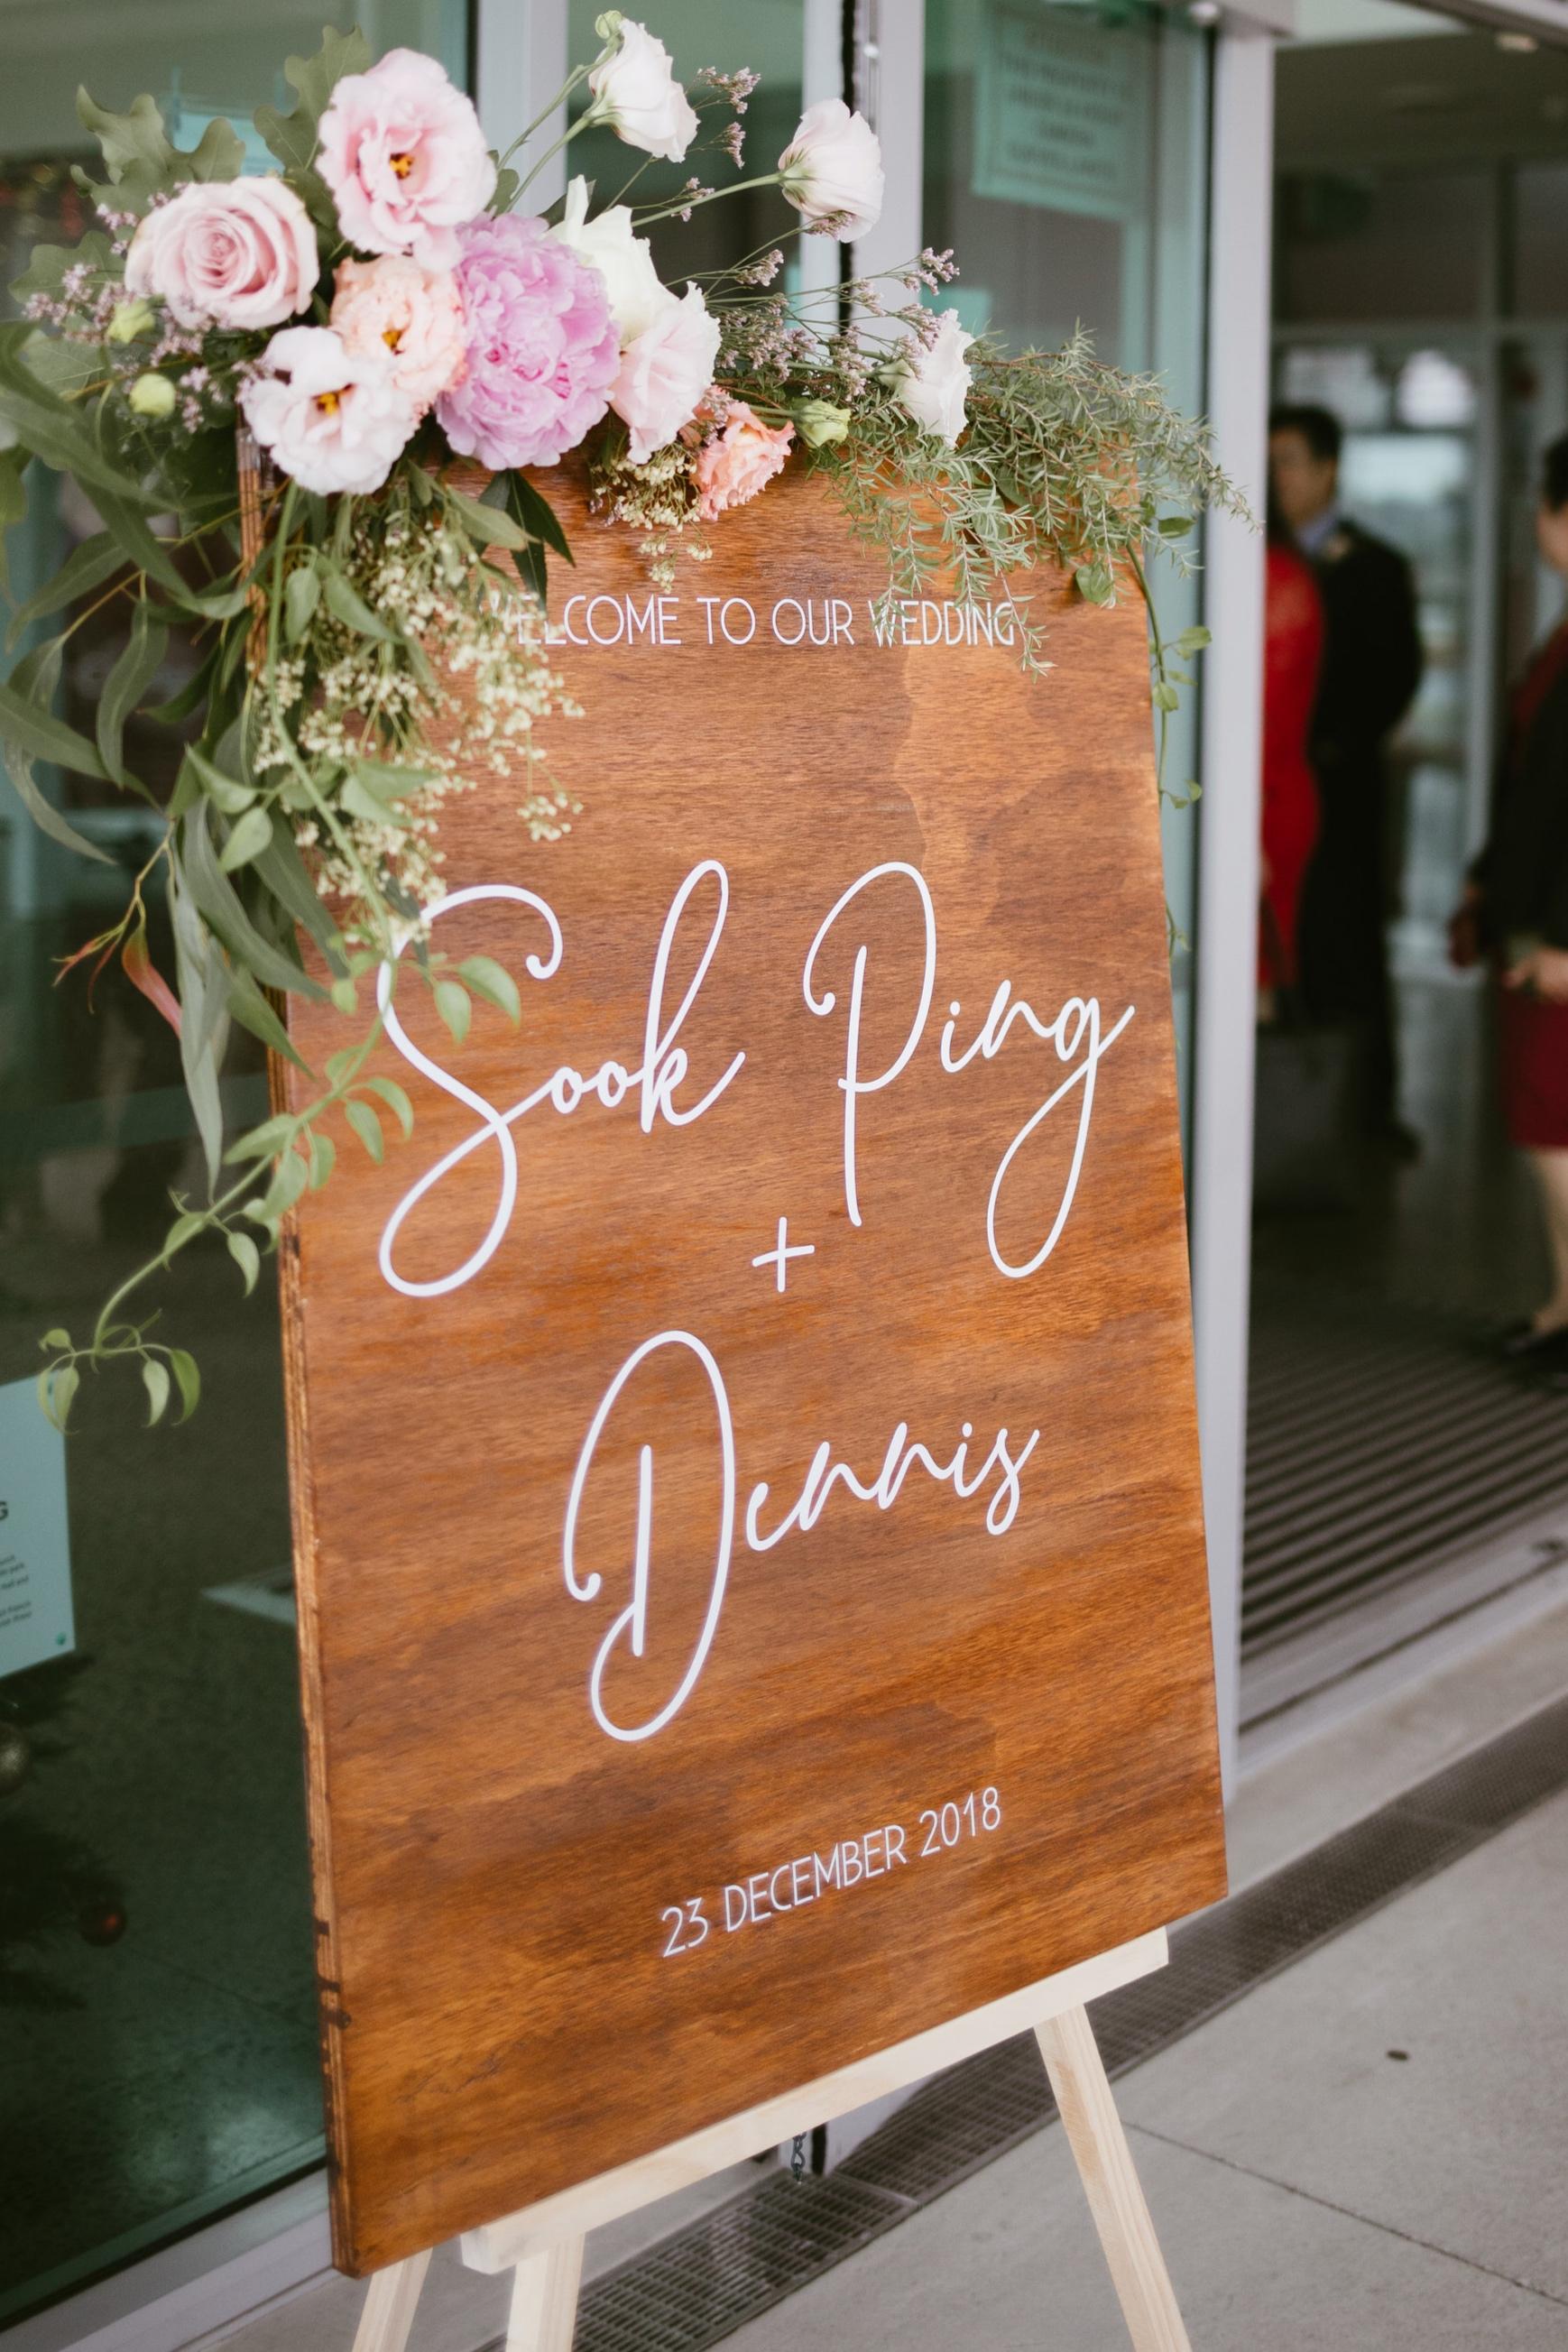 20181223_WEDDING_DENNIS_SOOKPING_0179.JPG